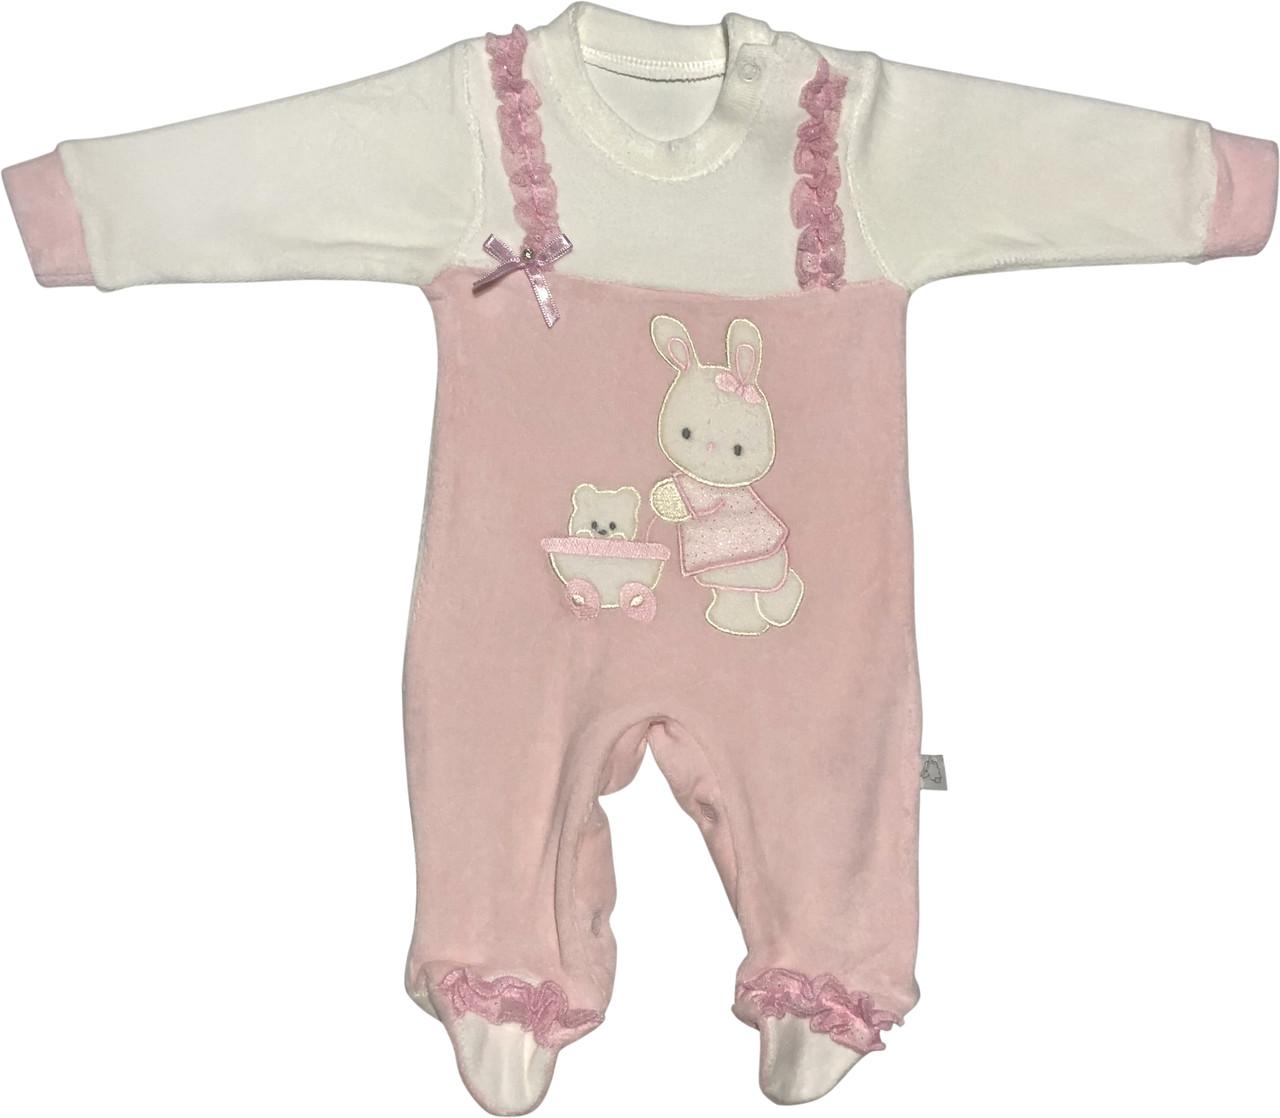 Человечек на девочку рост 62 2-3 мес для новорожденных малышей слип детский велюровый розовый